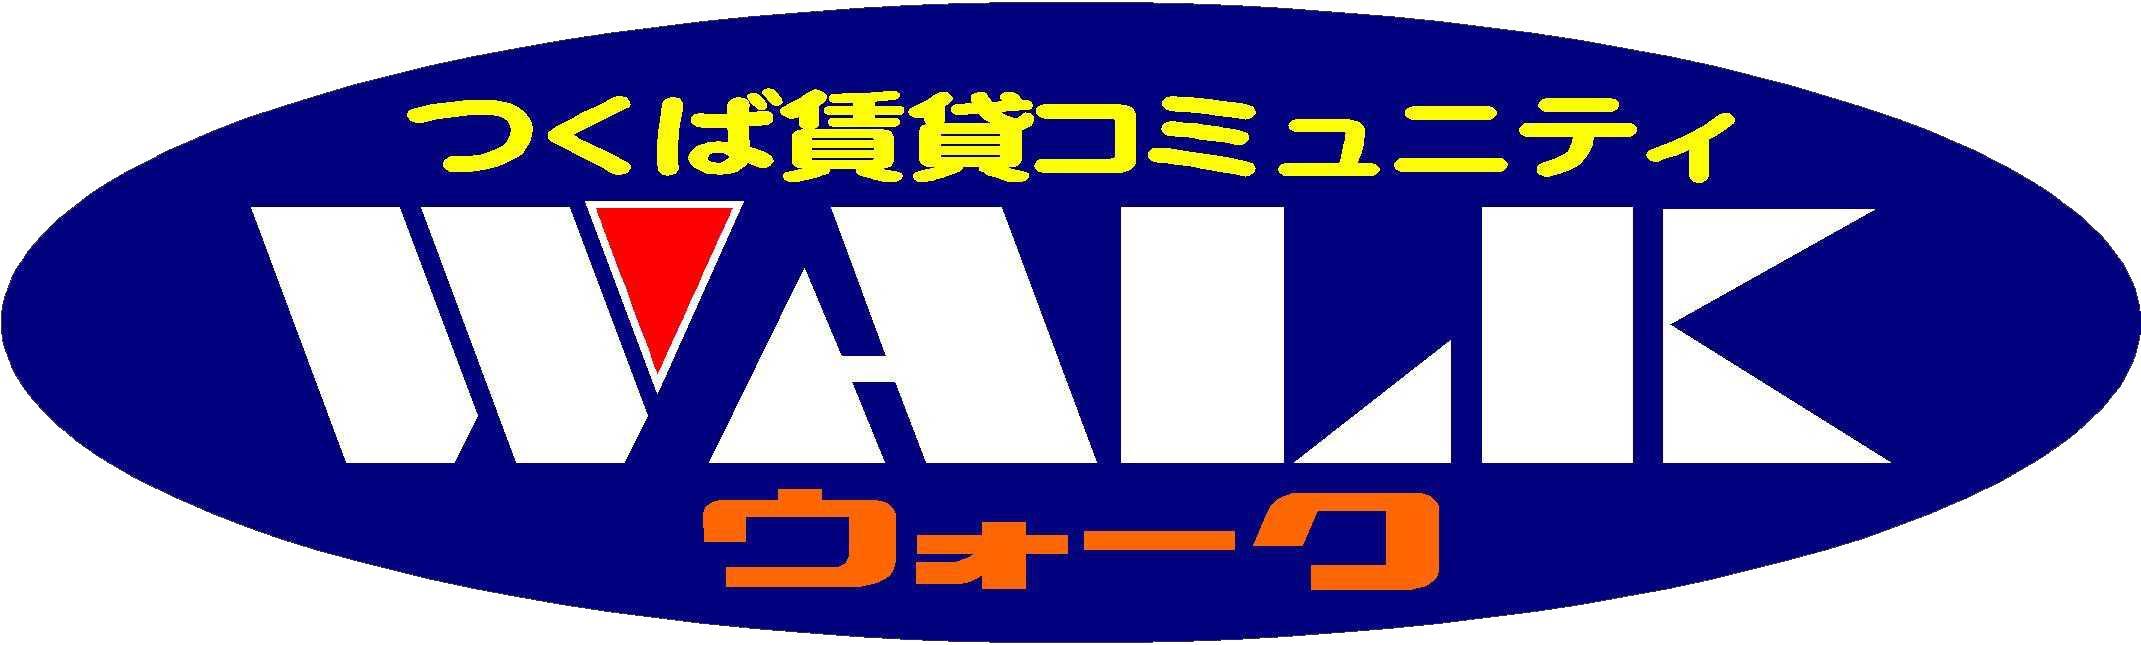 081_ロゴ_ウォーク株式会社